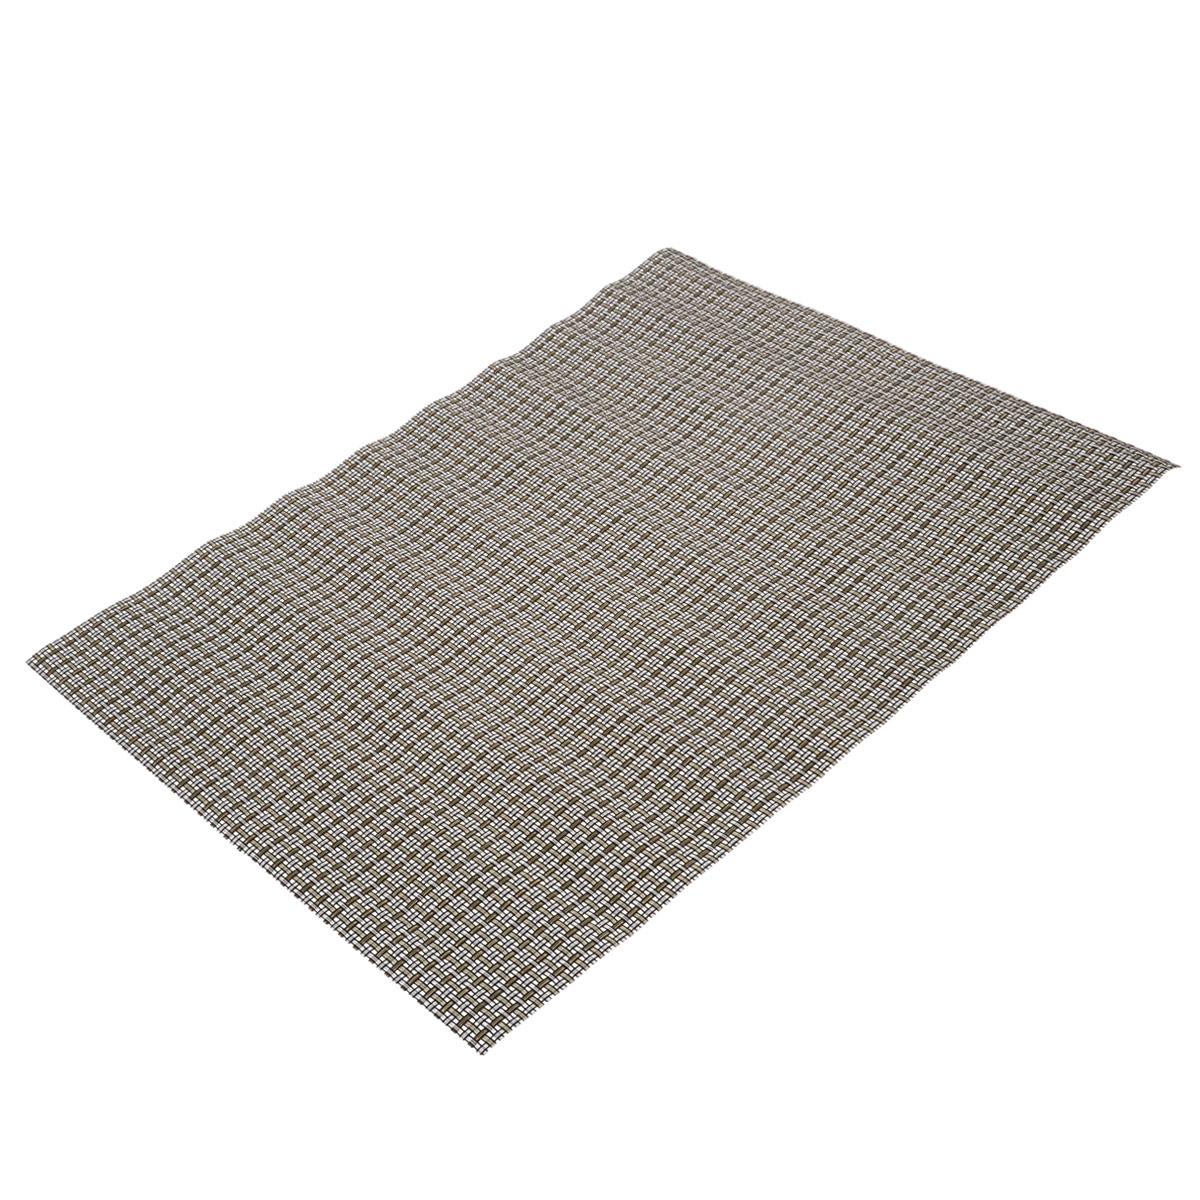 Подставка под горячее Bradex, цвет: серый, 45 см х 30 см подставка под горячее togas андре цвет синий серый 45 х 33 см